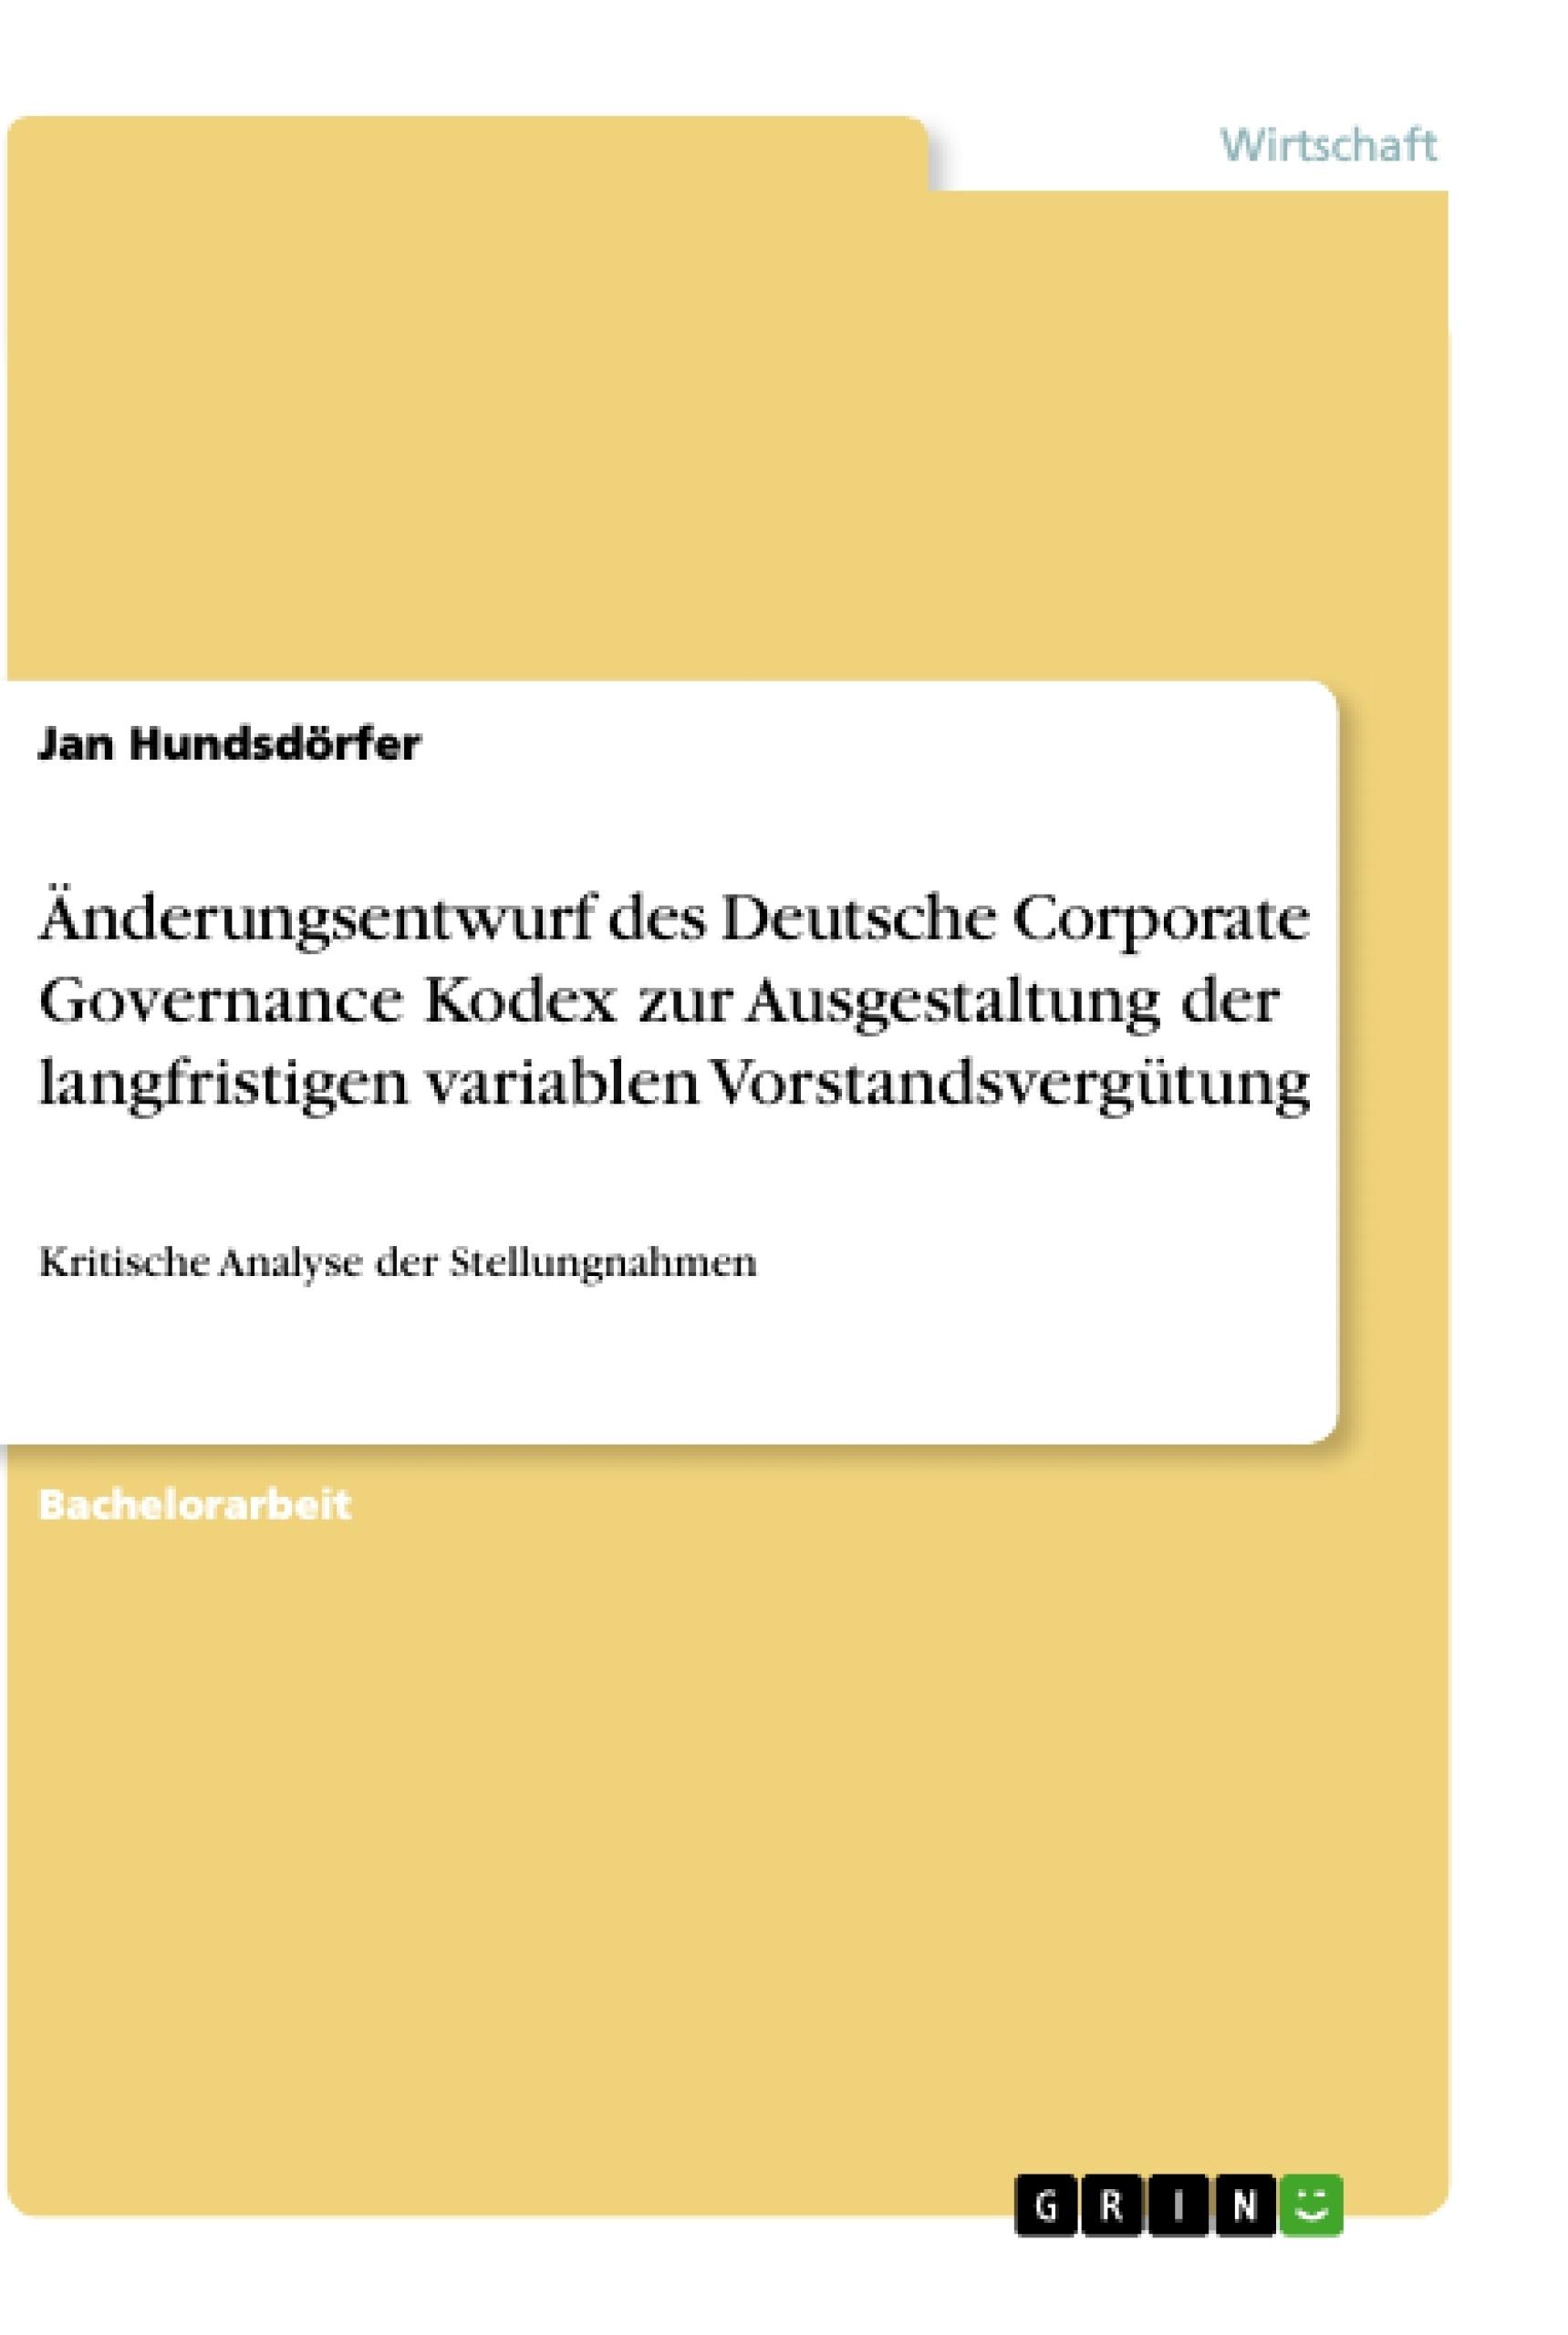 Titel: Änderungsentwurf des Deutsche Corporate Governance Kodex zur Ausgestaltung der langfristigen variablen Vorstandsvergütung